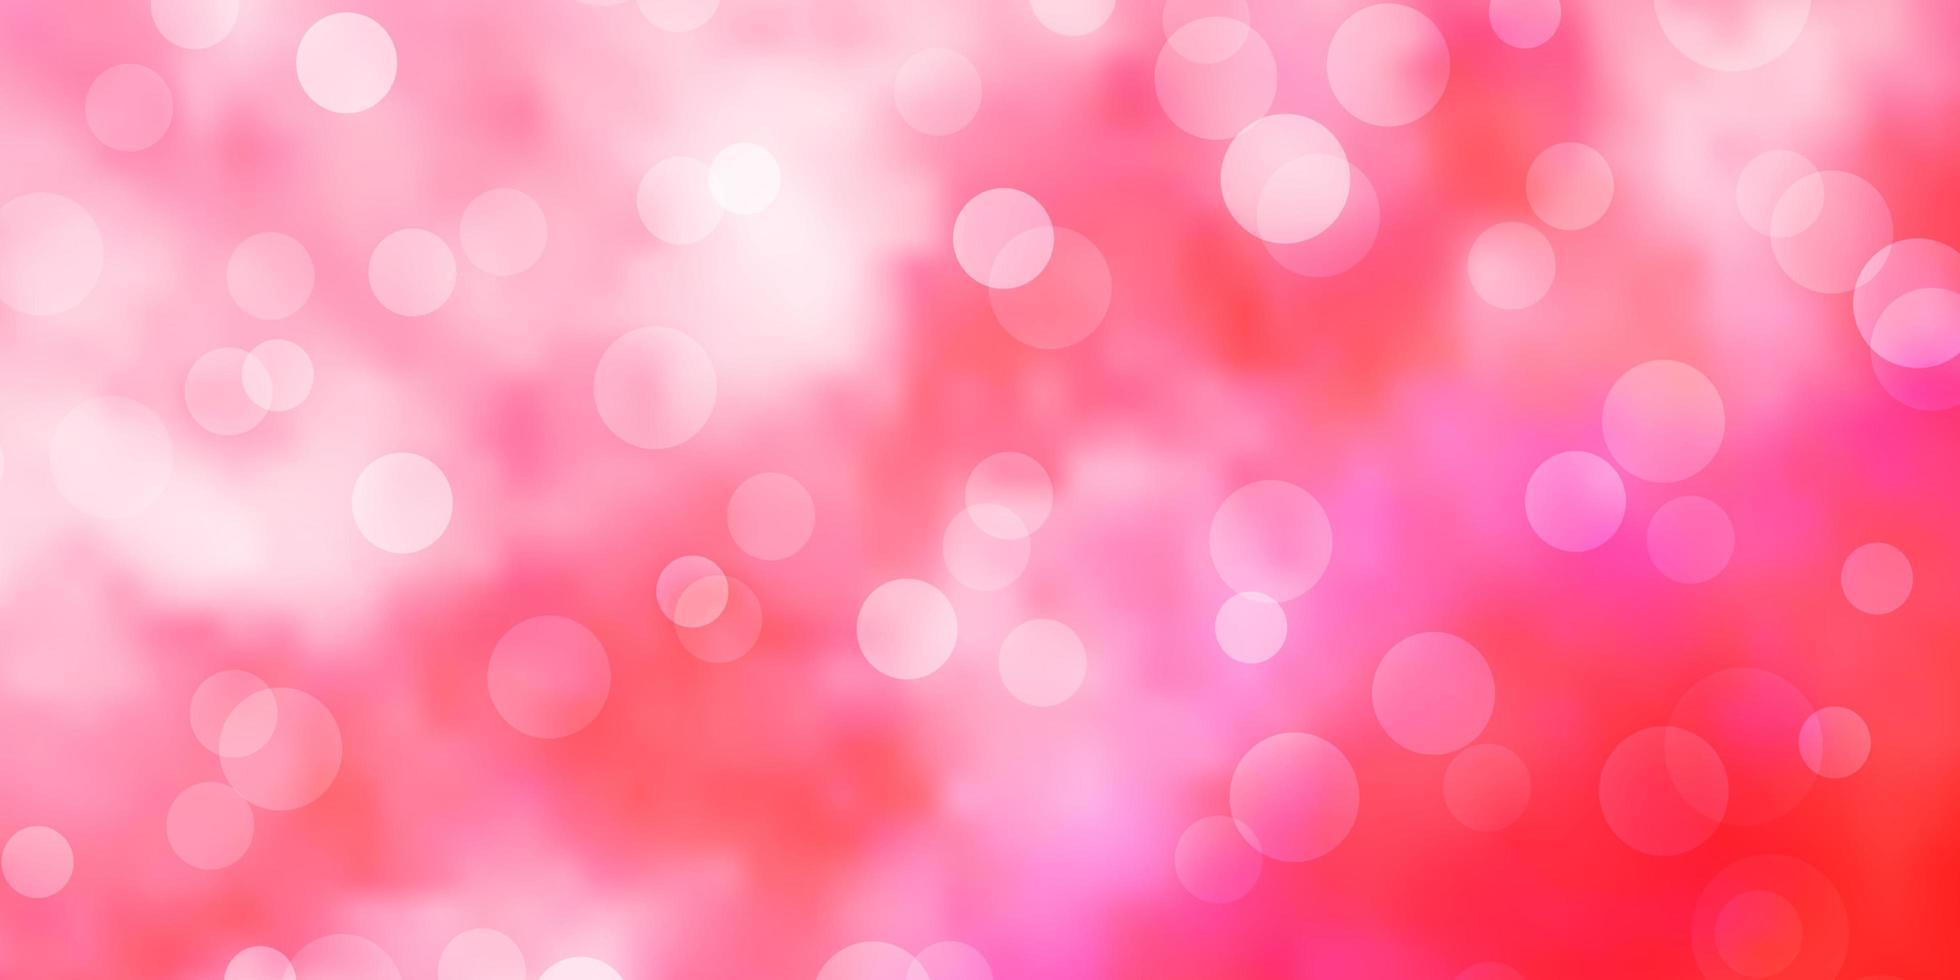 modello vettoriale rosa chiaro con cerchi.